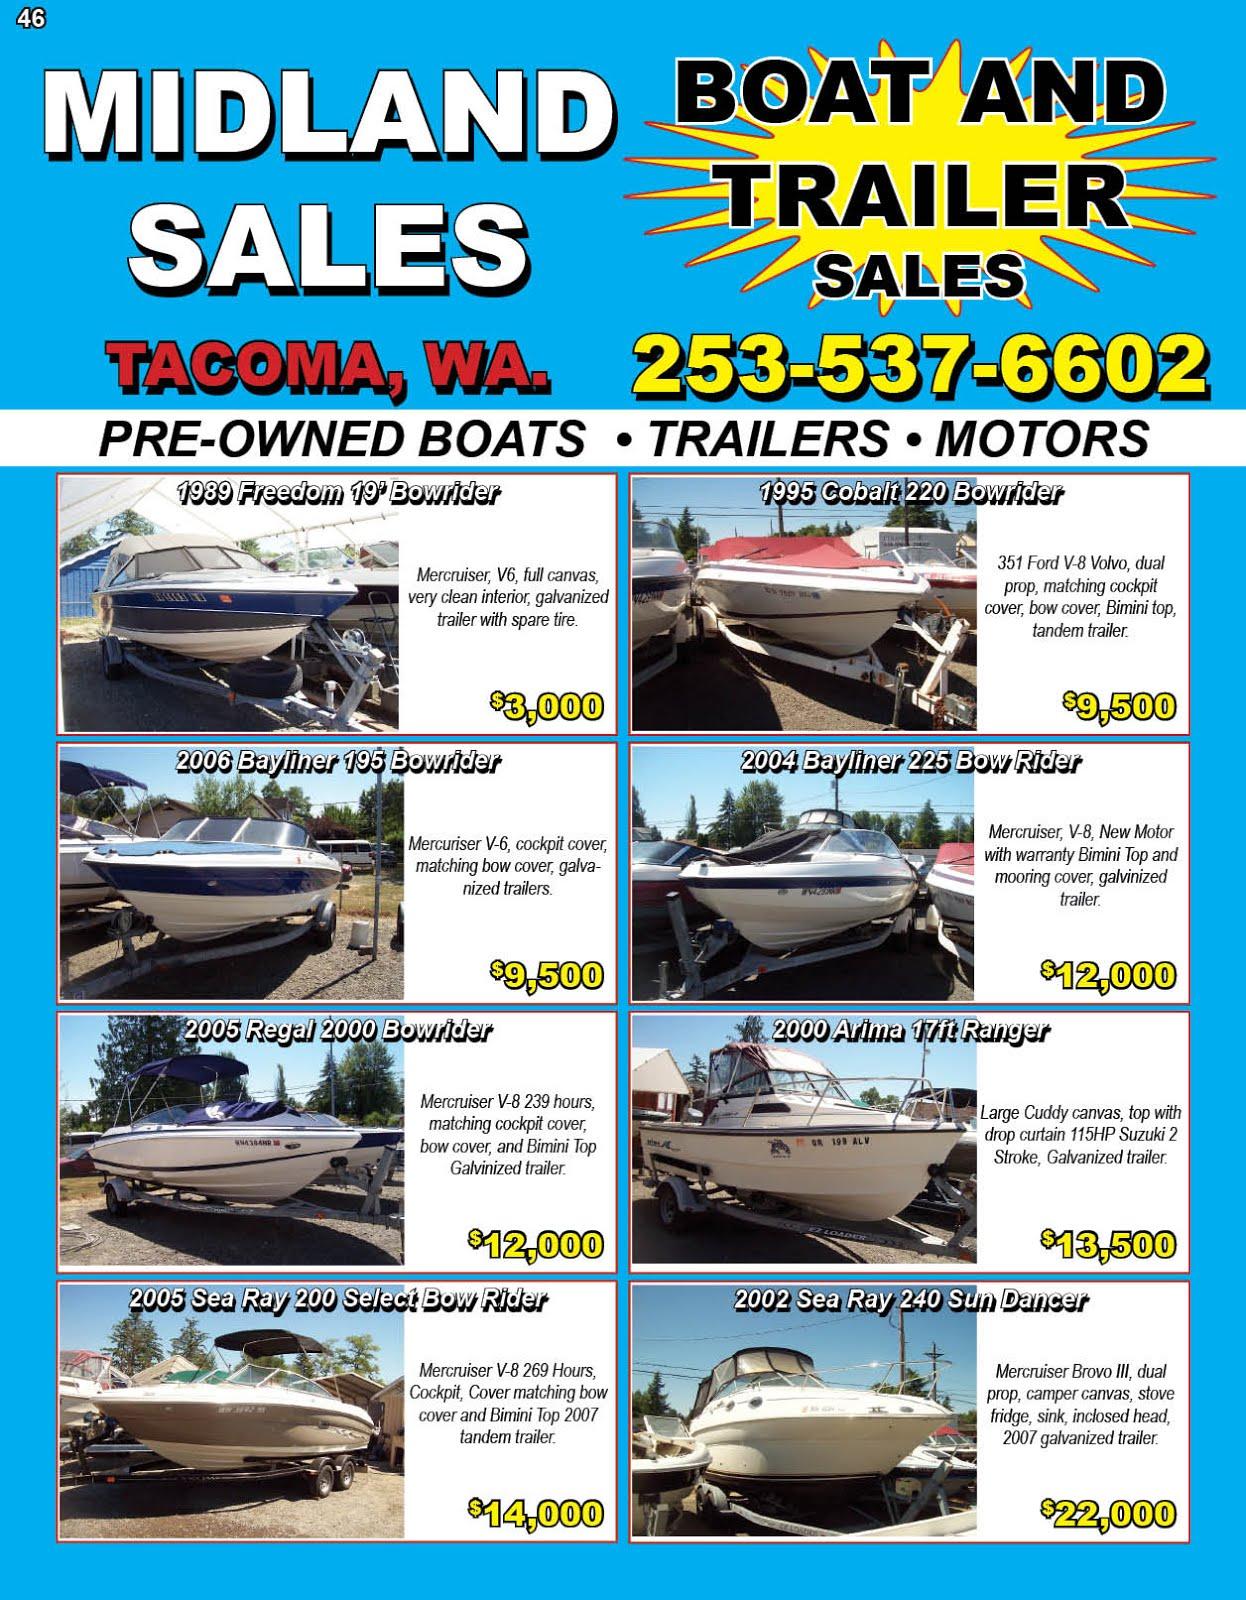 Midland Sales Tacoma, WA 253-537-6602